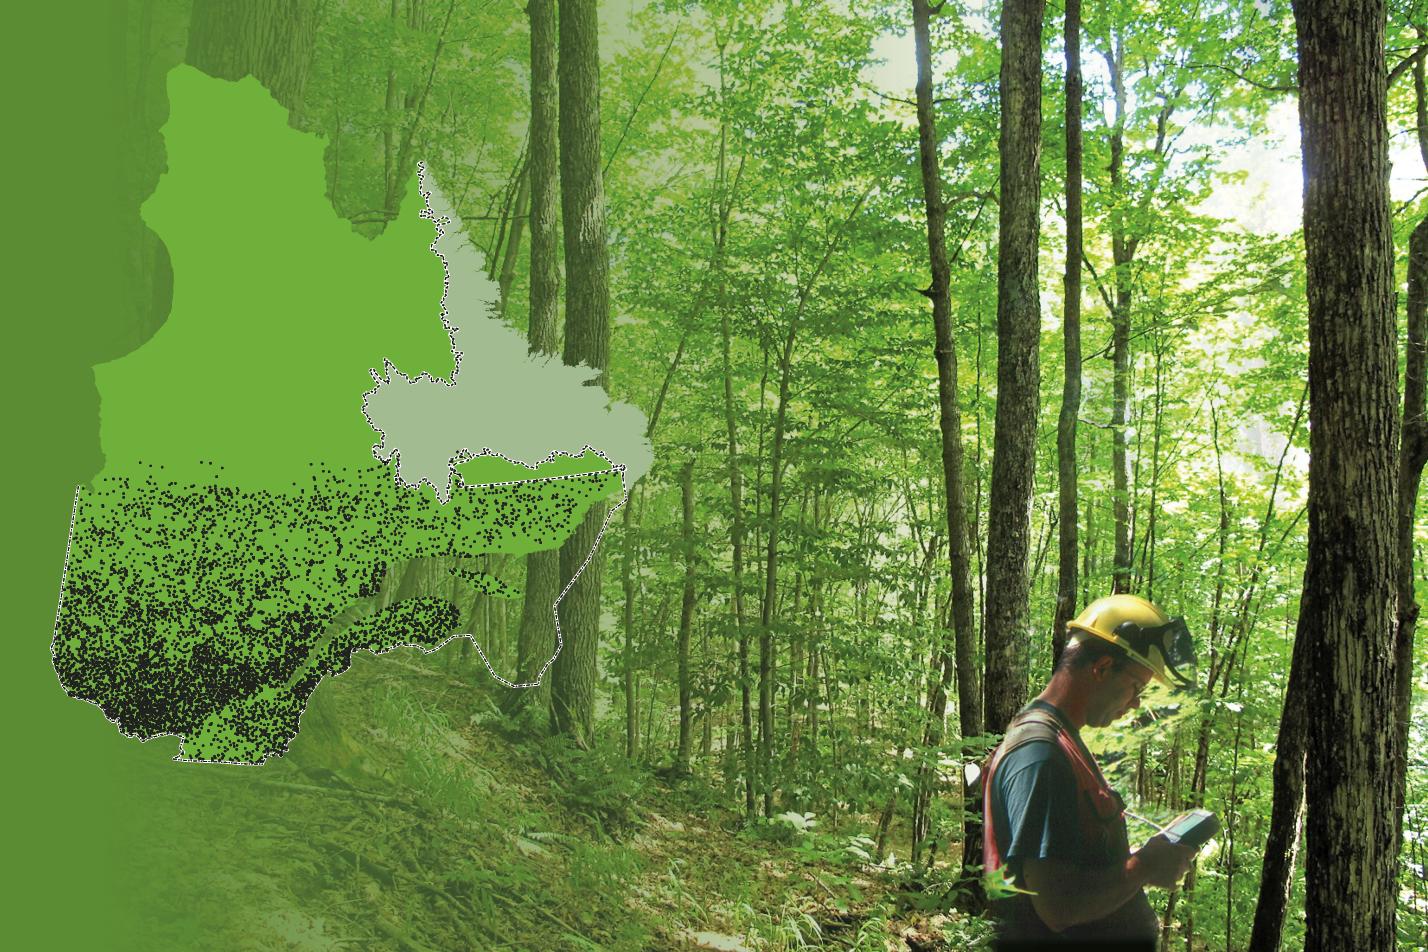 Un ingénieur forestier récolte des données dans une forêt.